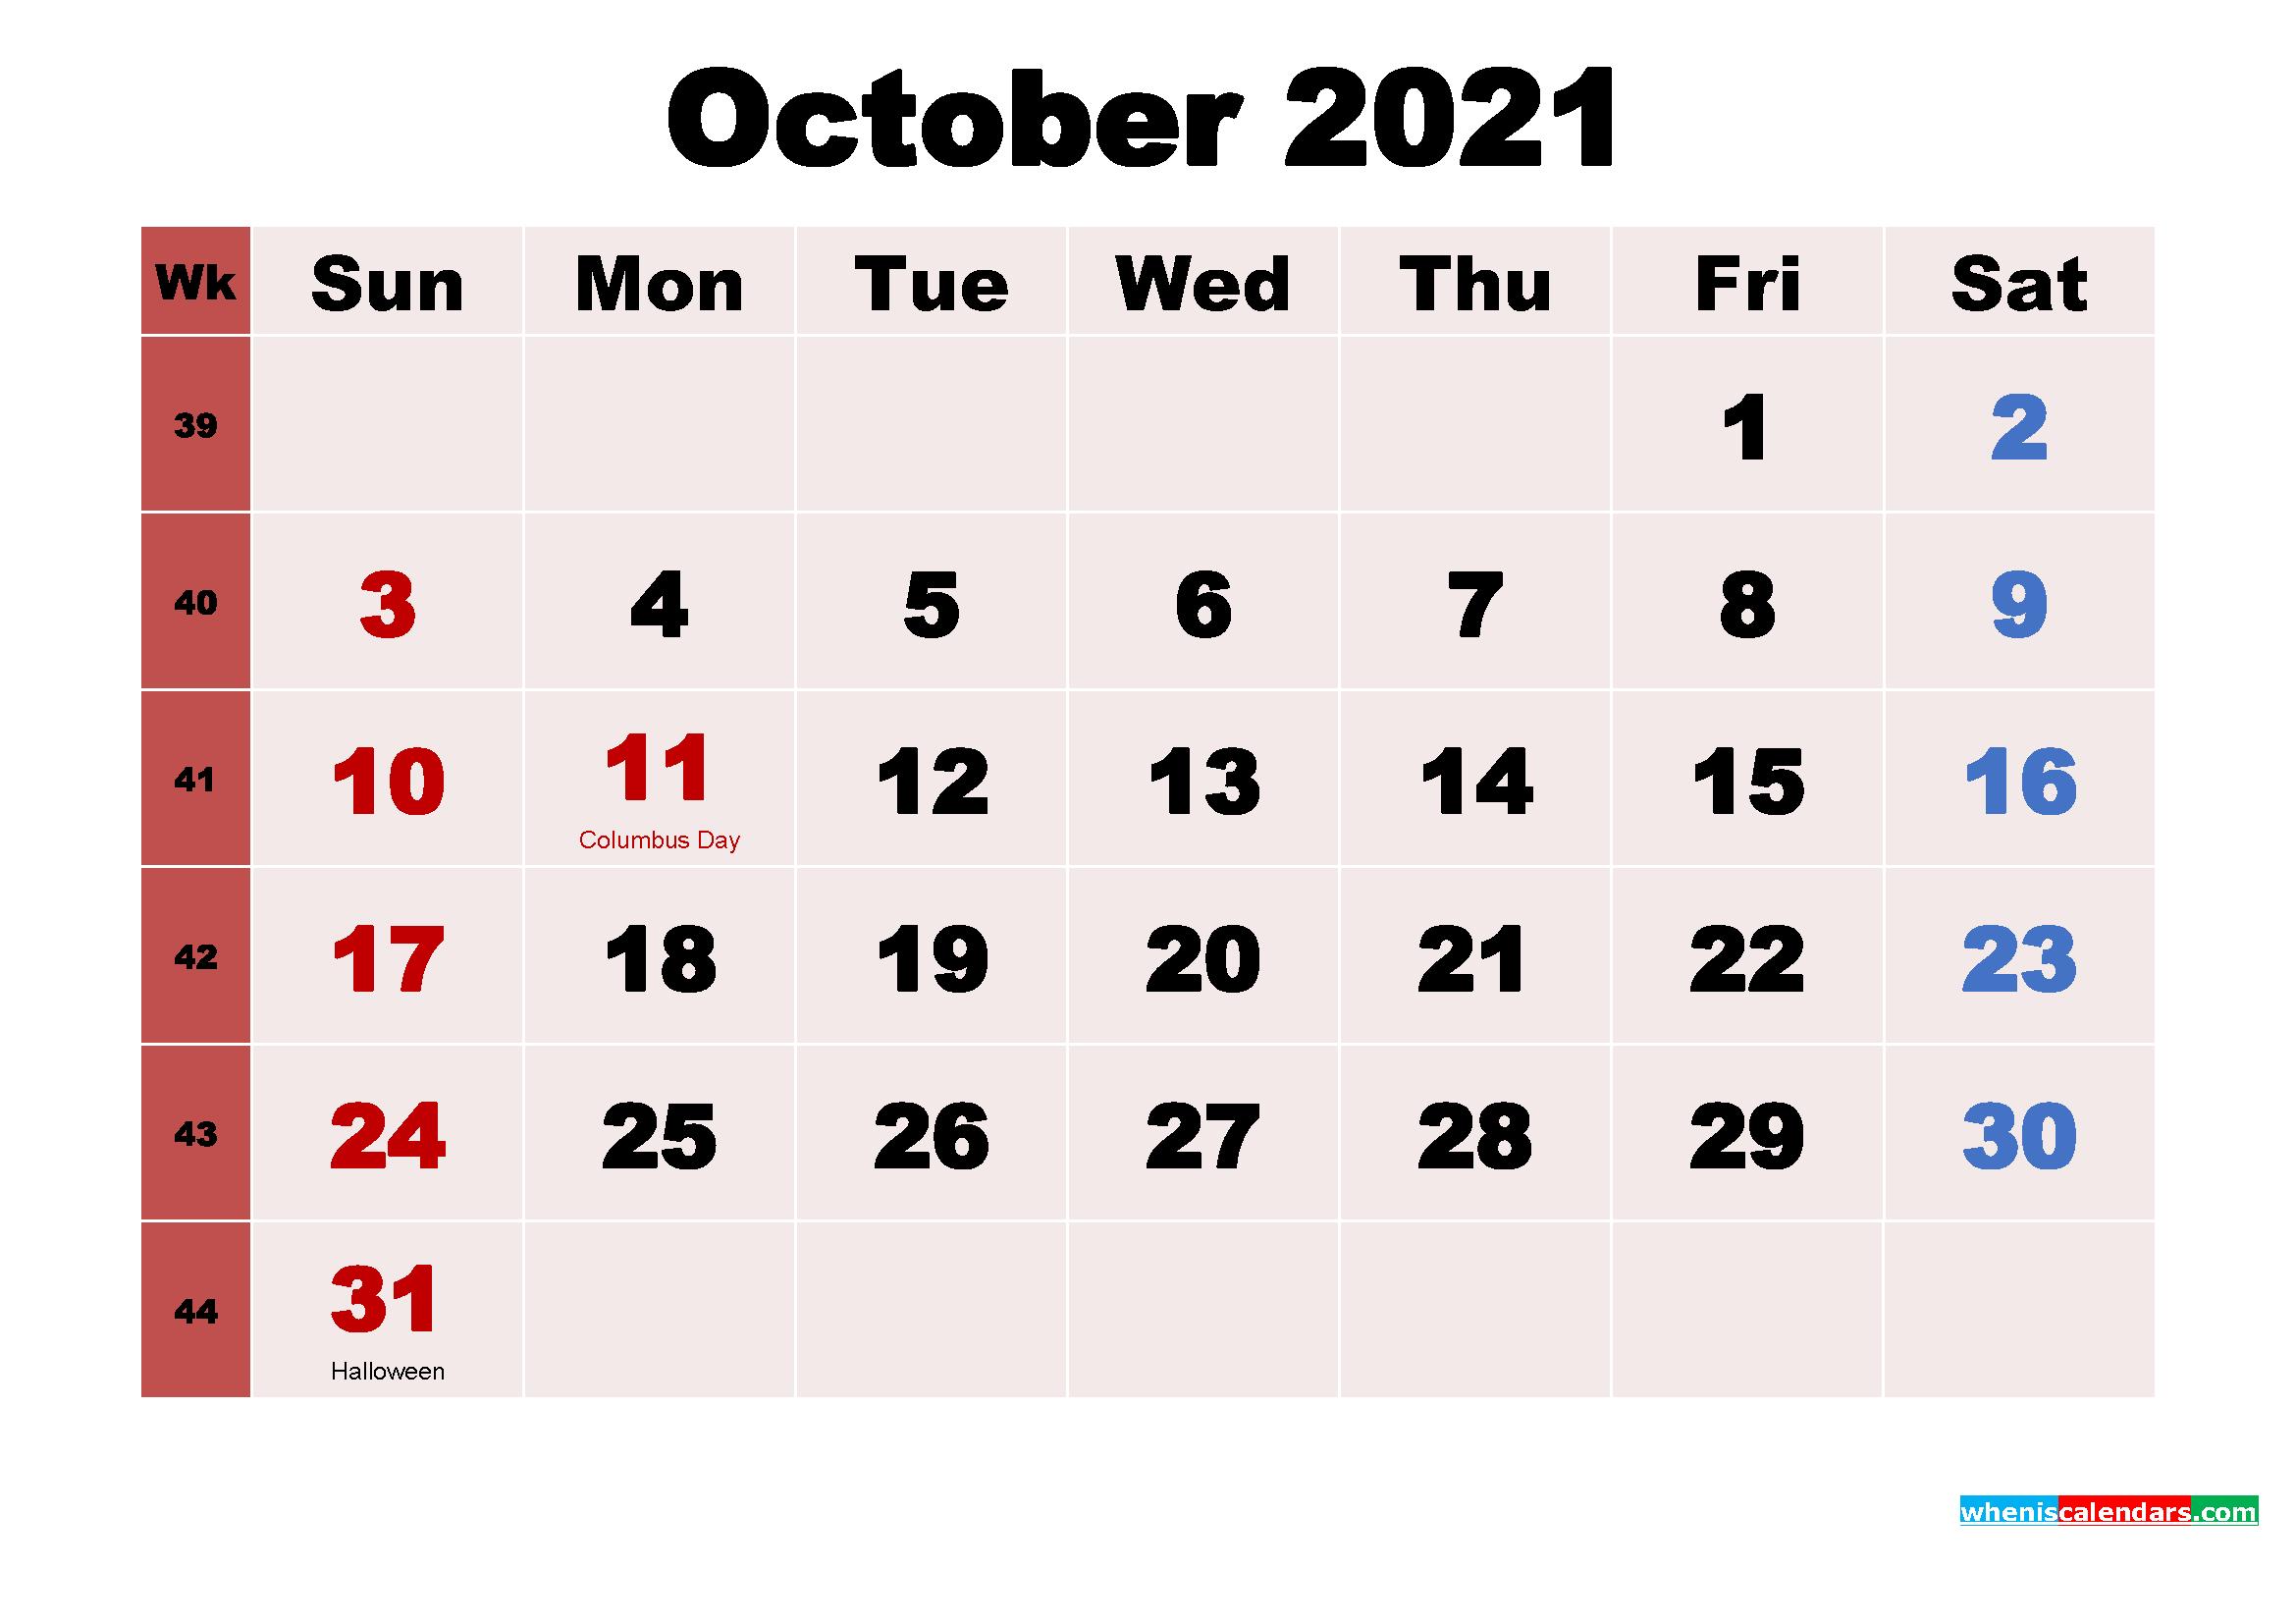 October 2021 Wallpaper Calendar | Lunar Calendar pertaining to Khmer Calendar 2021 Wallpaper